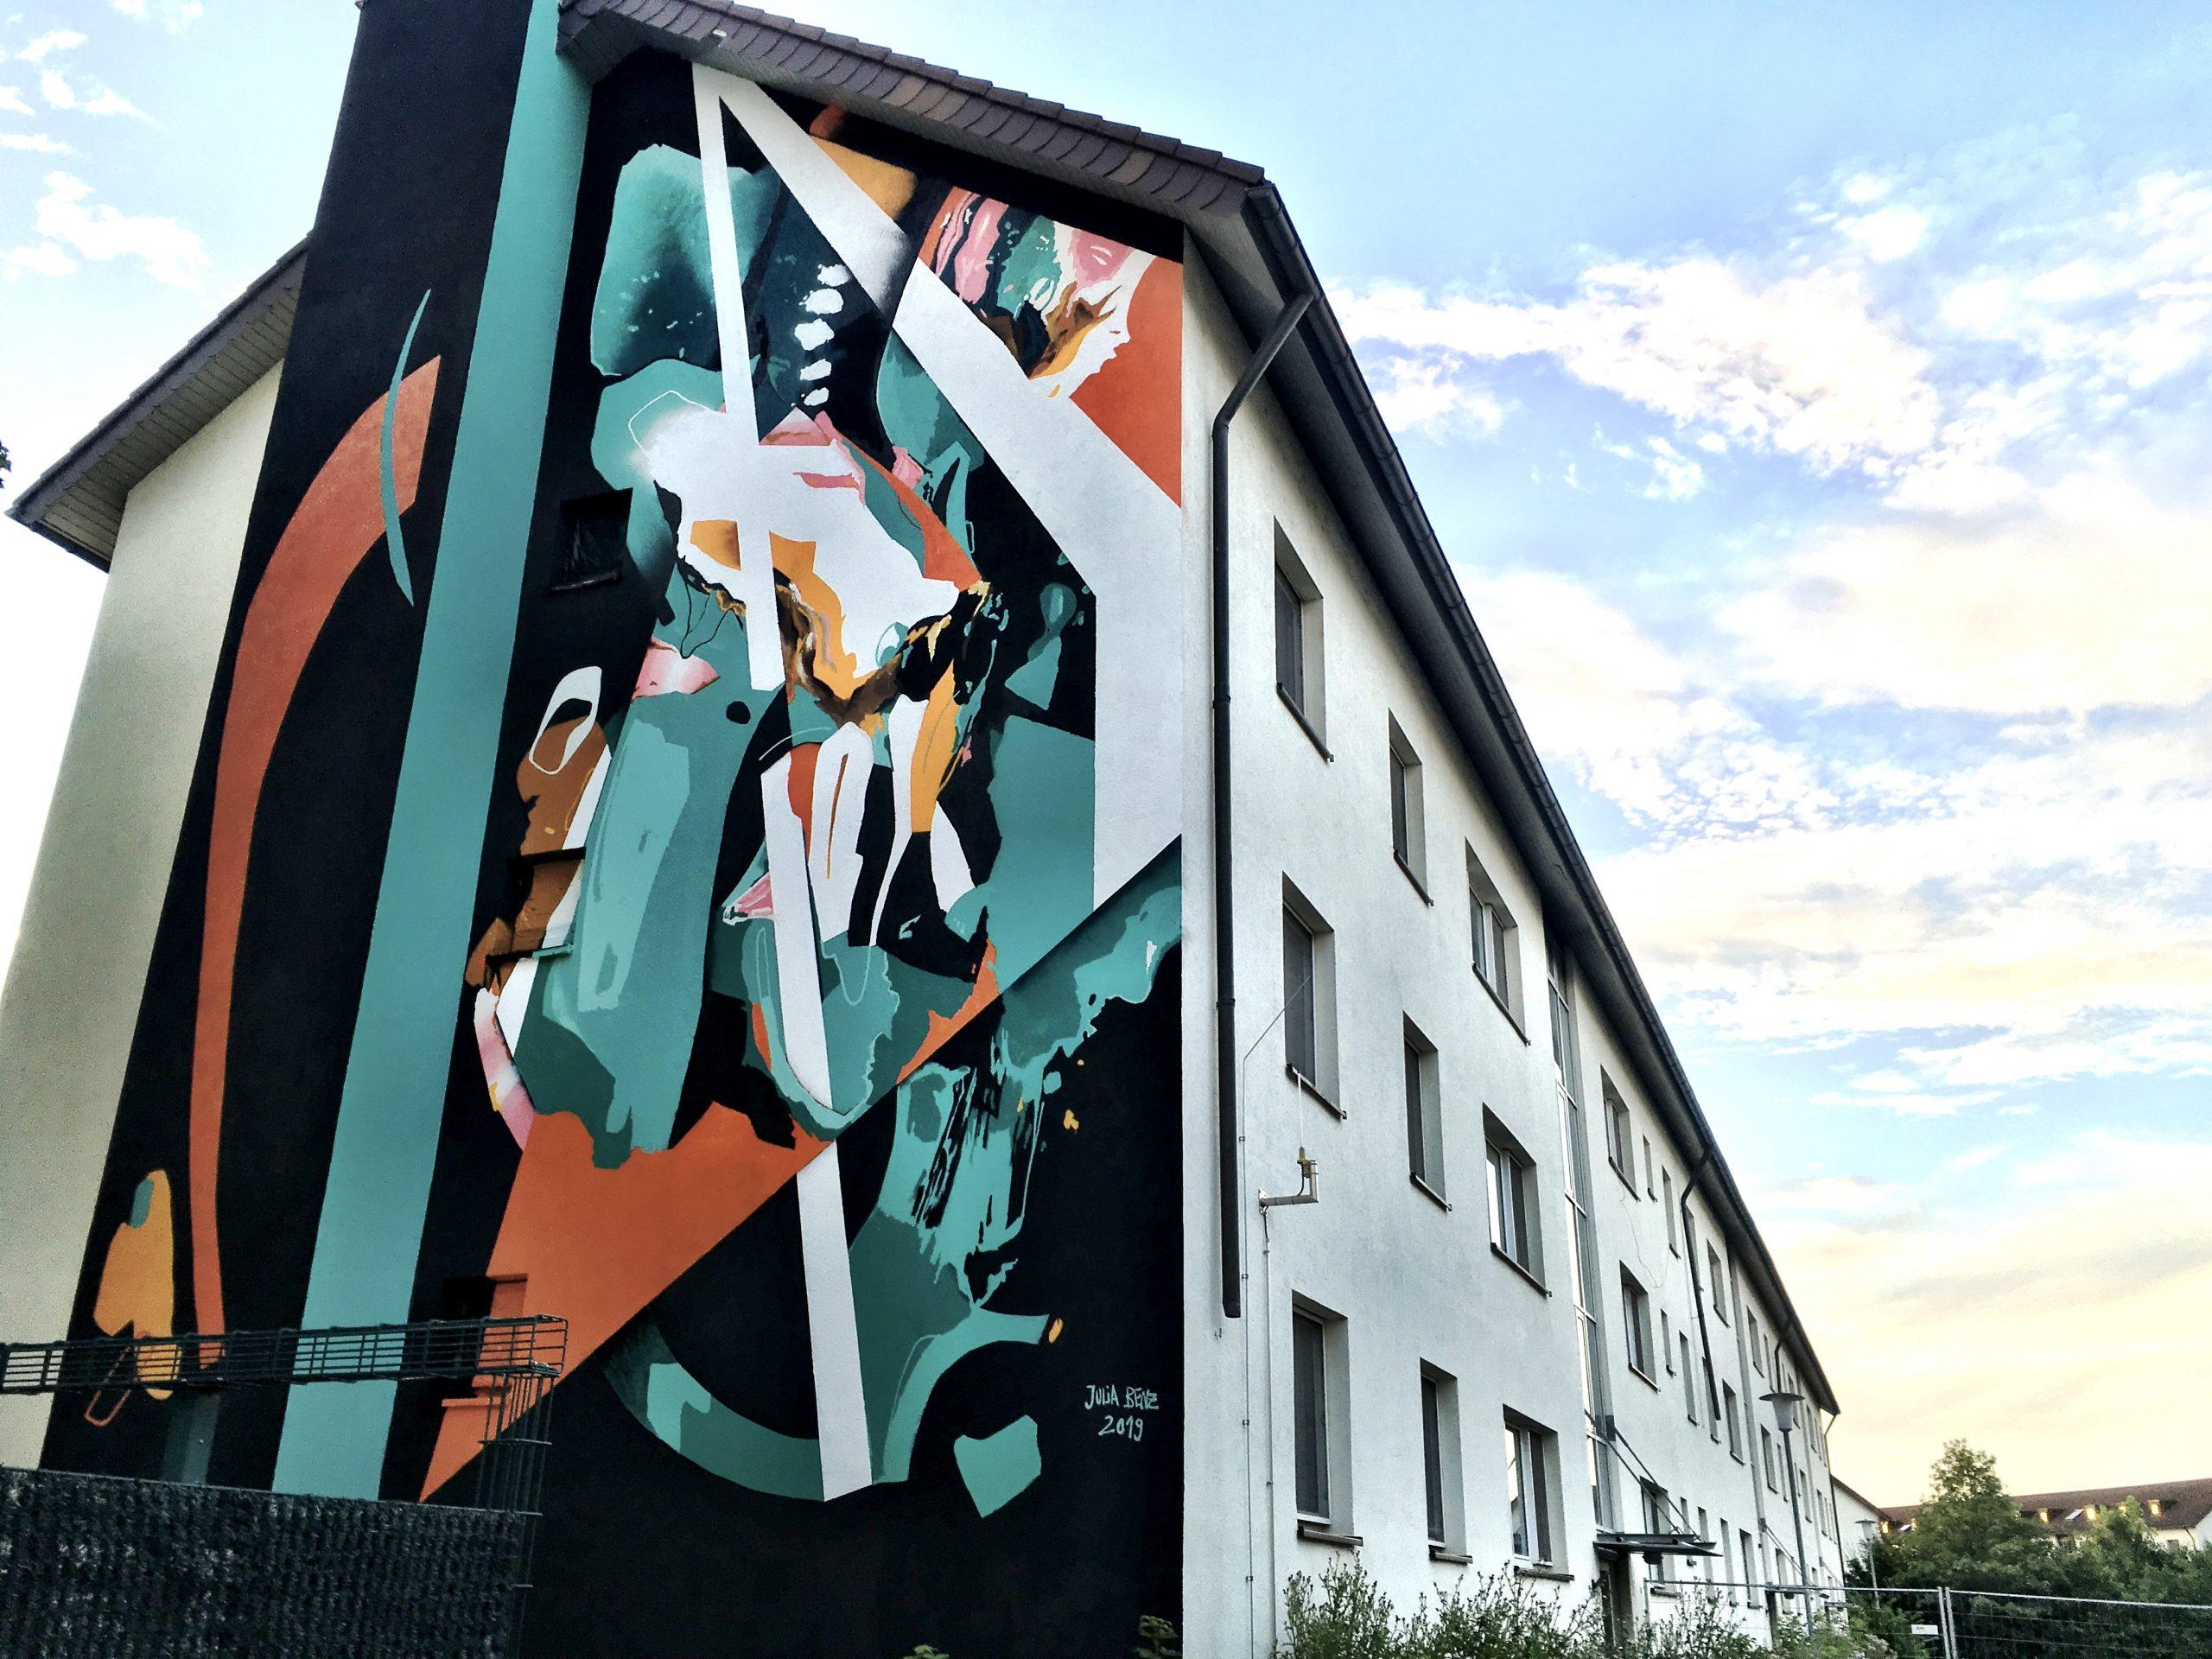 JULIA BENZ_METROPOLINK_Heidelberg